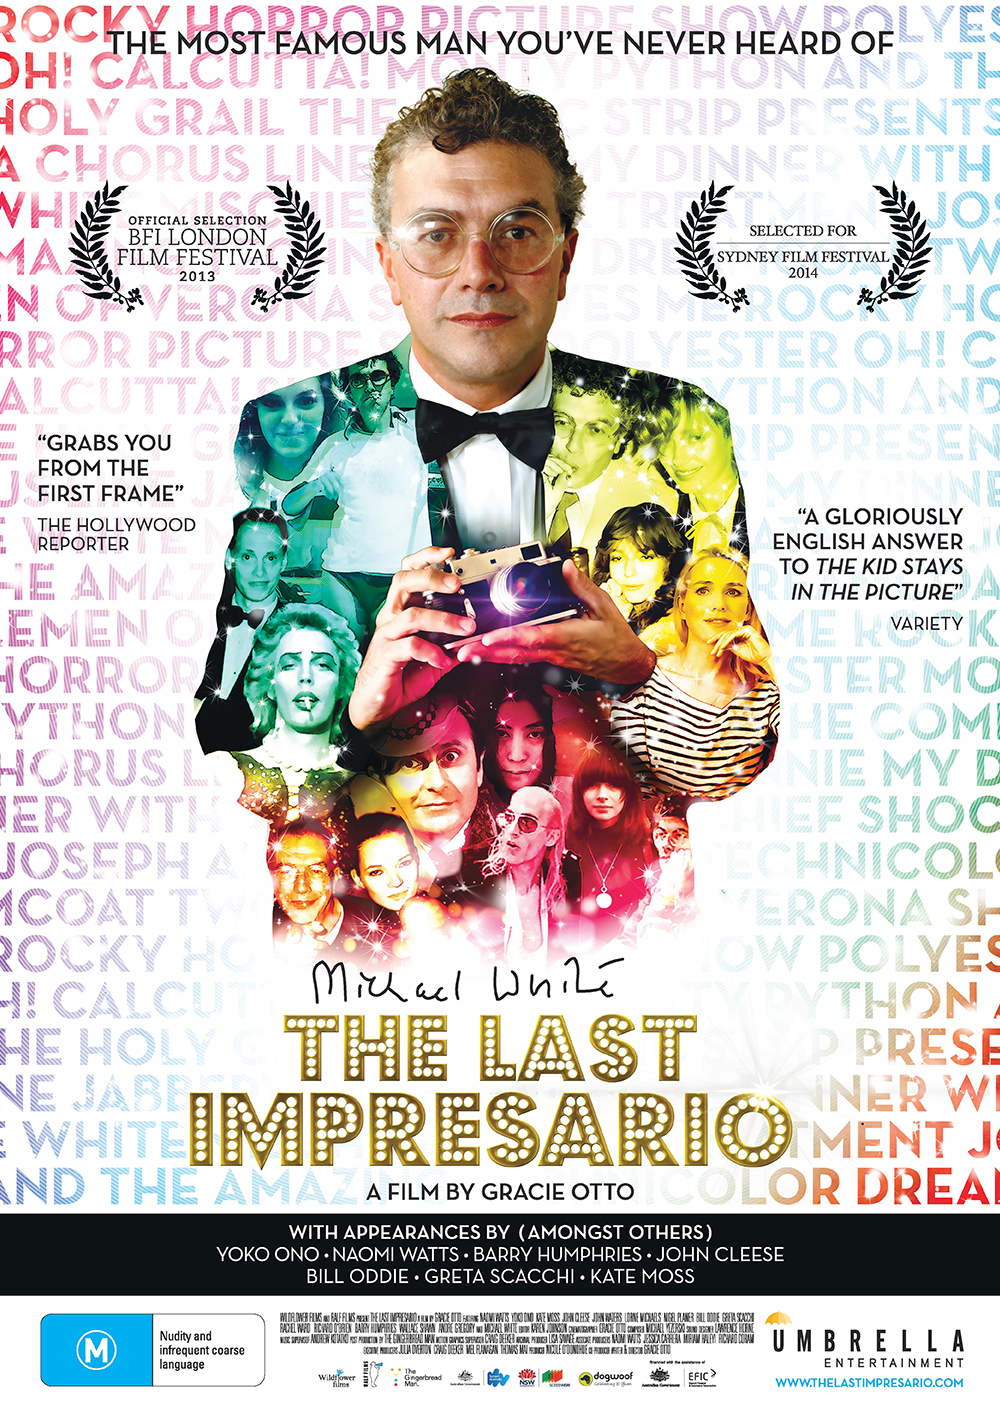 THE_LAST_IMPRESARIO_Poster_Umbrella